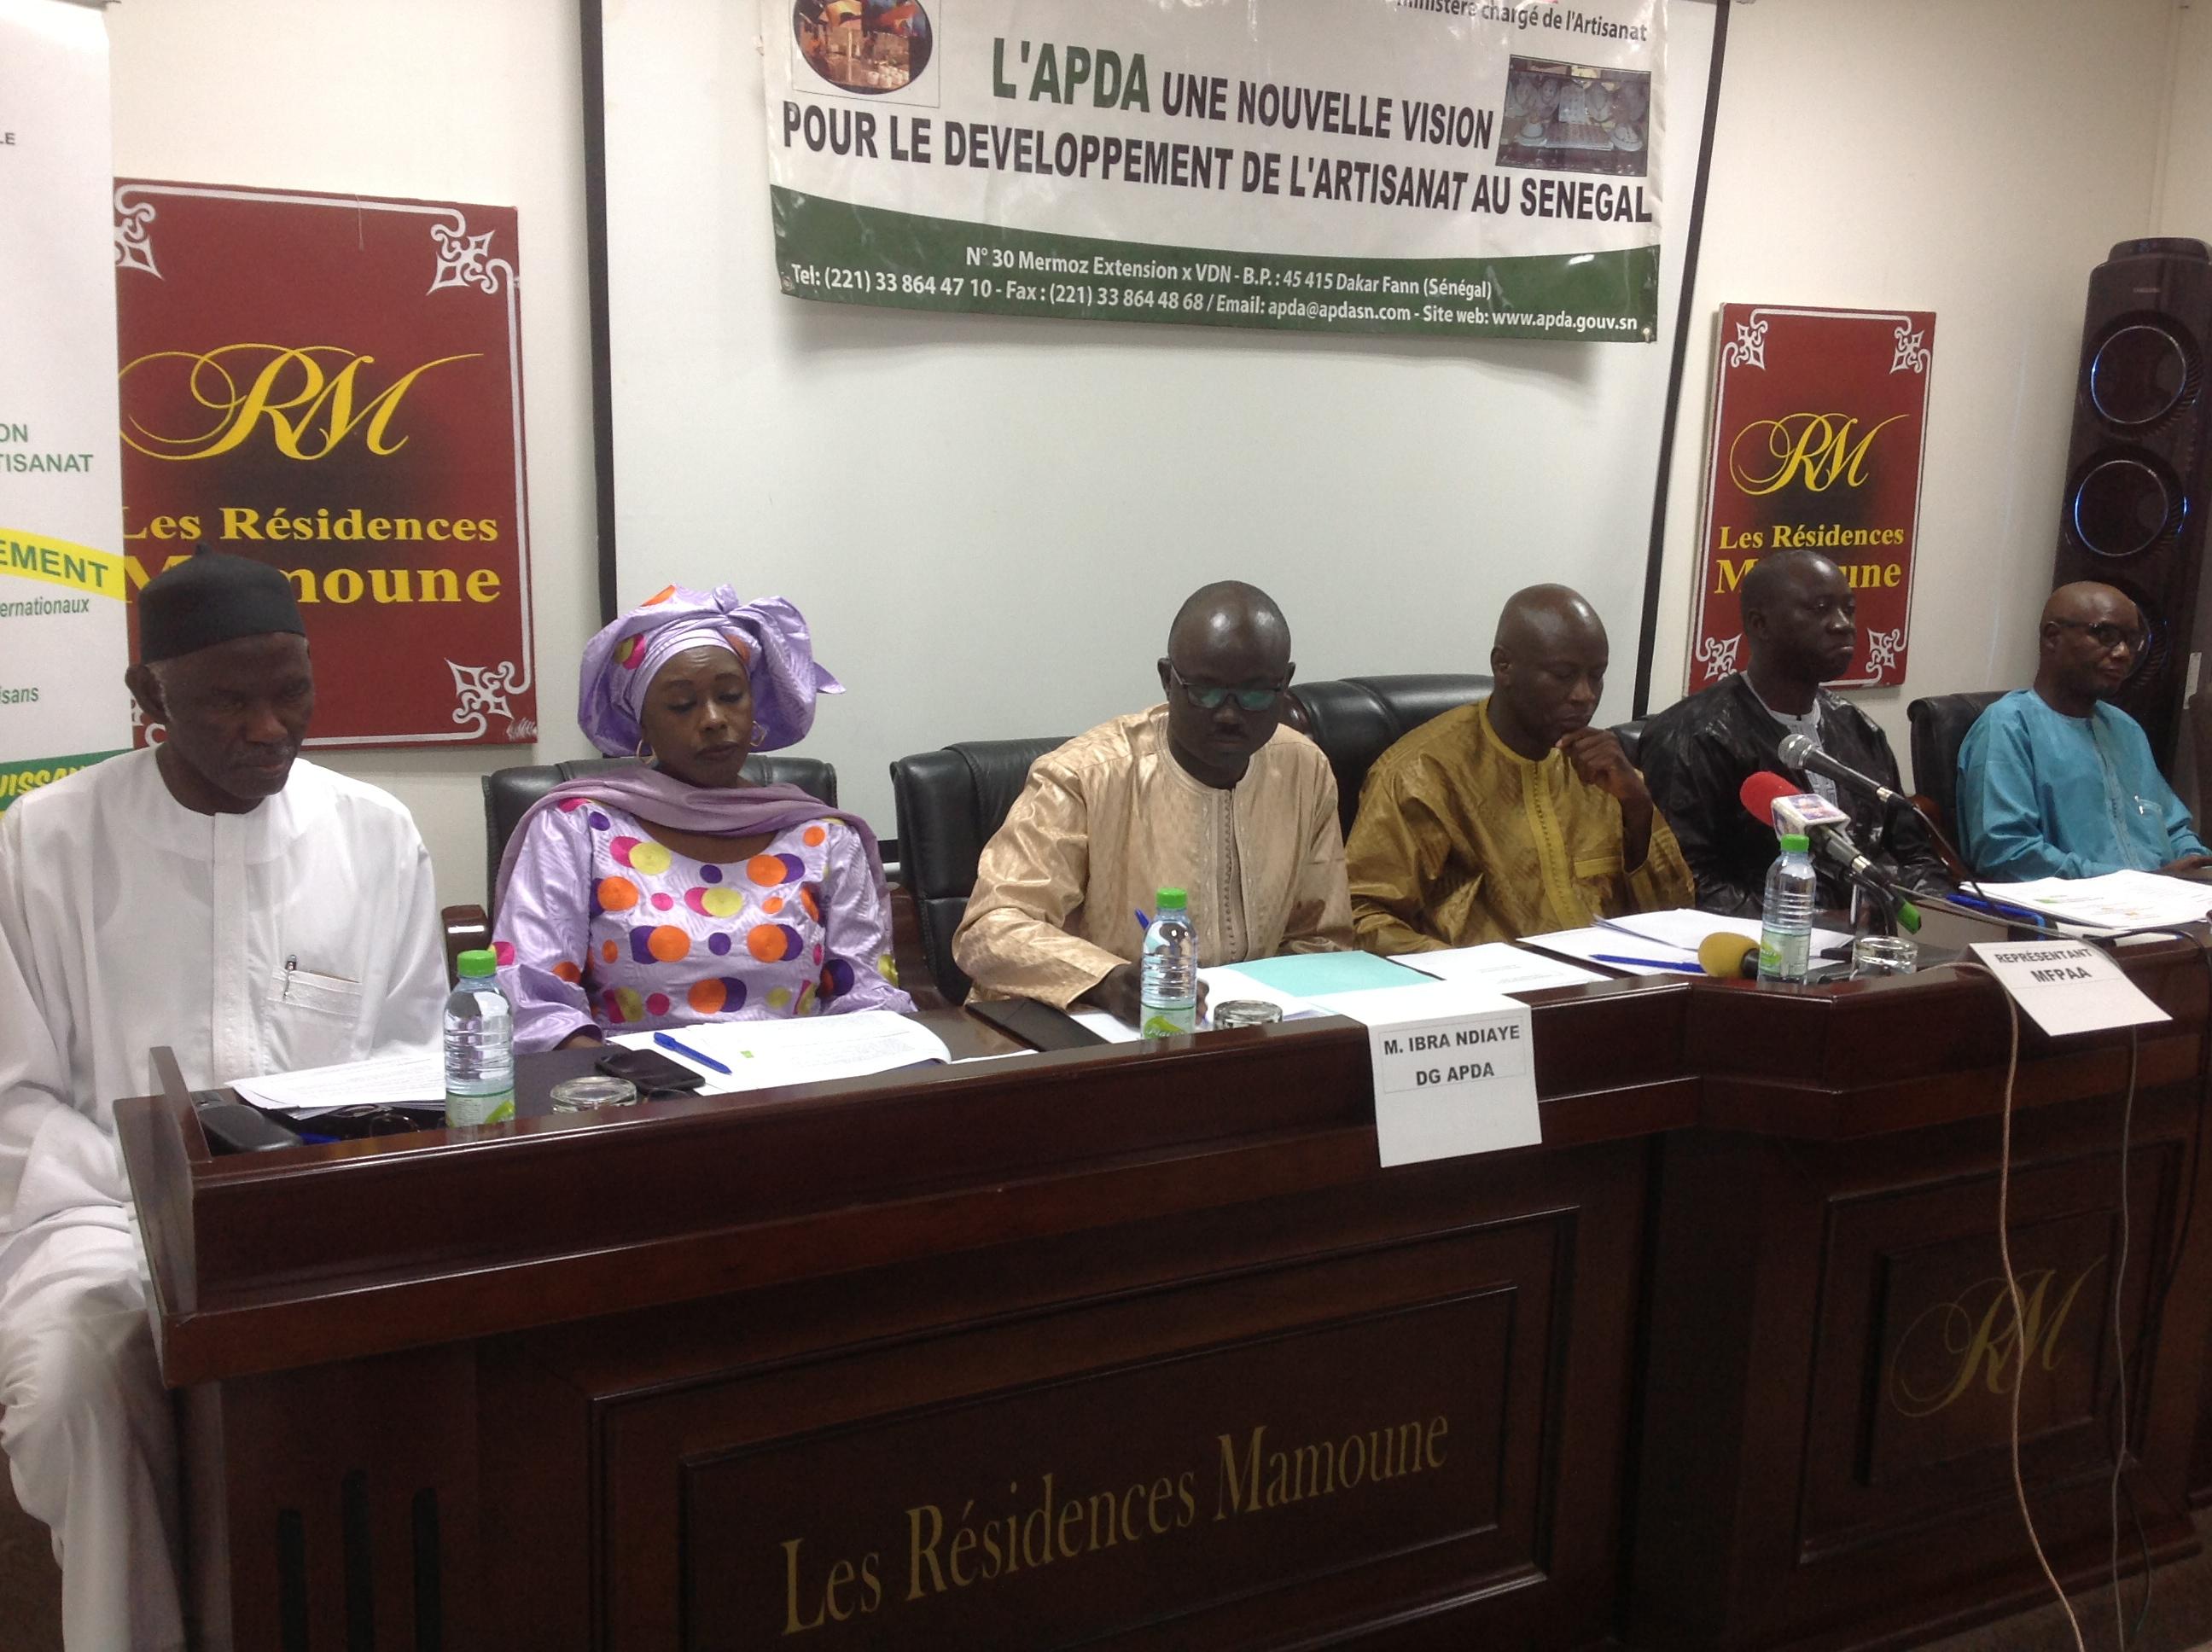 Validation du plan stratégique de l'APDA : « Un moment capital pour l'artisanat », selon son directeur